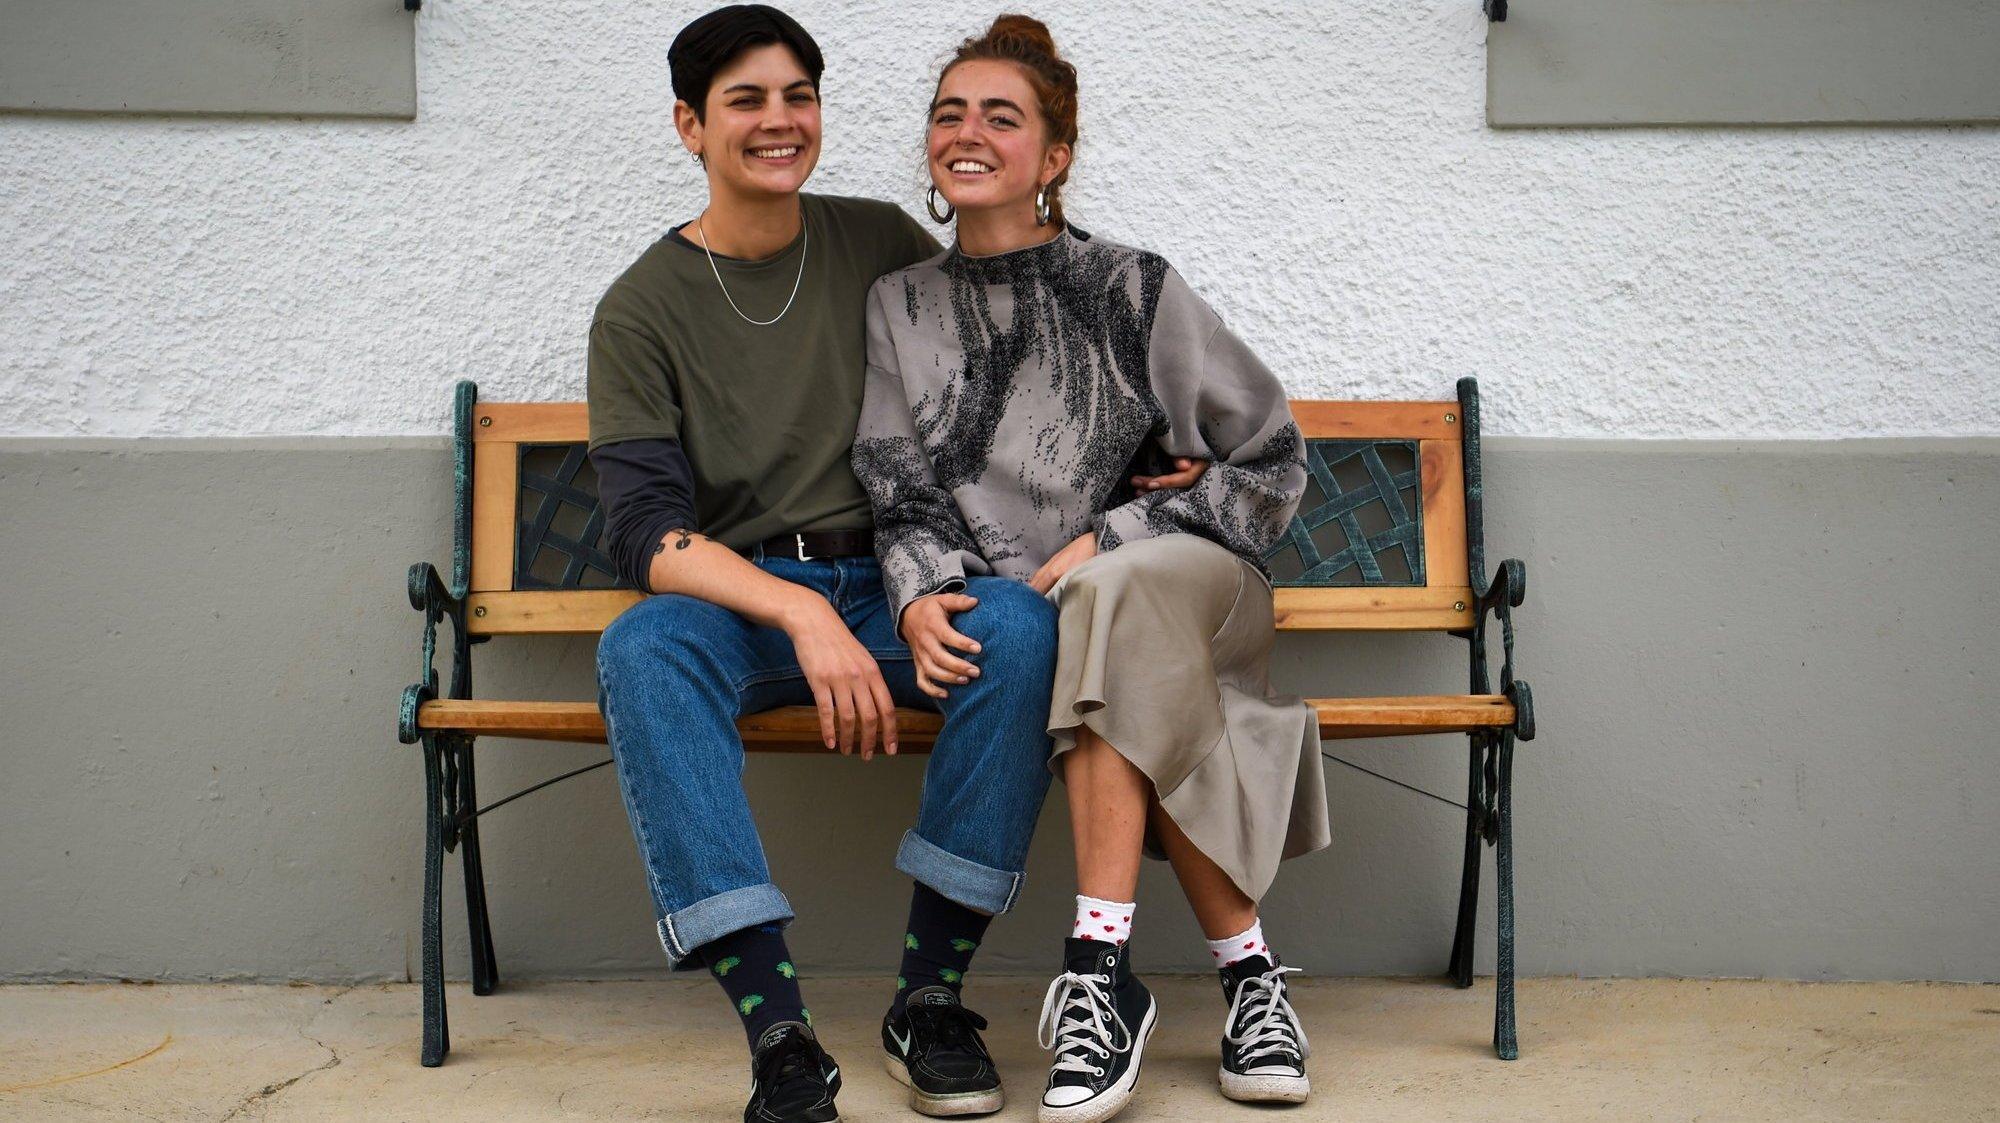 Les Neuchâteloises Davina Strunga (à gauche) et Jodie Schulthess ne se cachent pas: elles vivent leur amour au grand jour et espèrent pouvoir se marier prochainement.